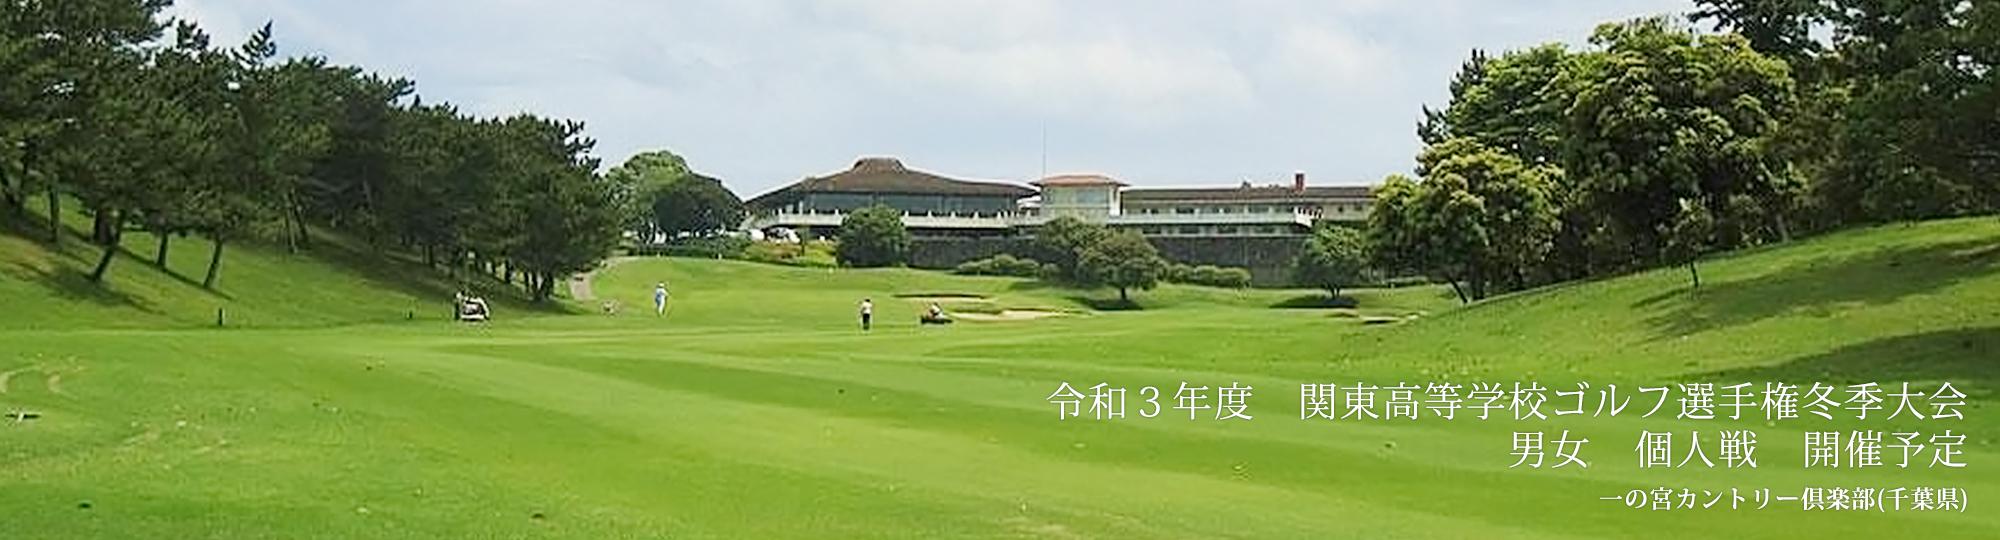 連盟 関東 ゴルフ 関東倶楽部対抗|関東ゴルフ連盟